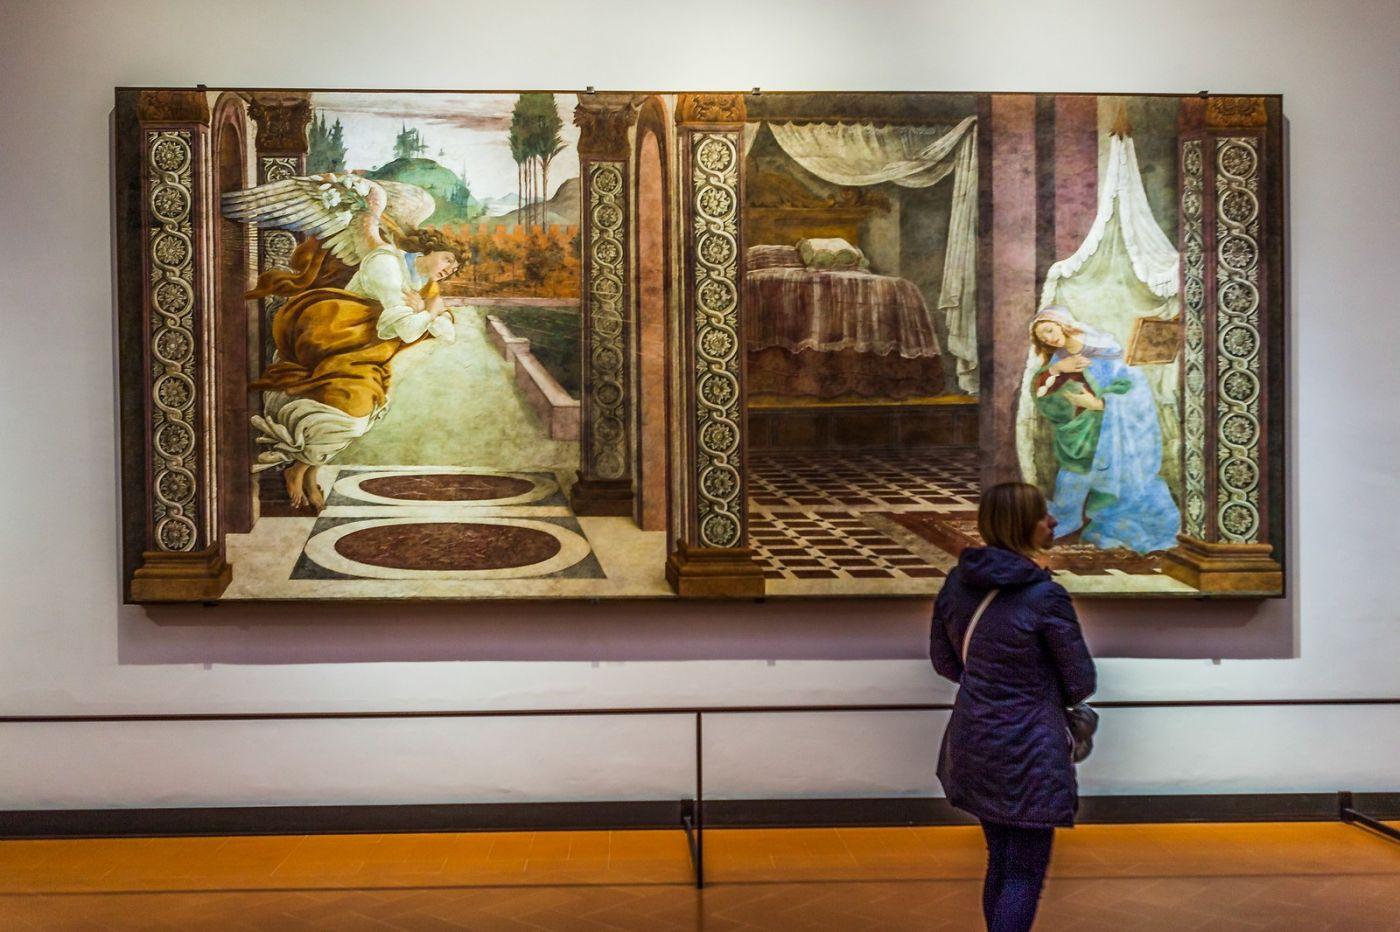 意大利佛罗伦斯乌菲兹美术馆, 藏品大展_图1-13